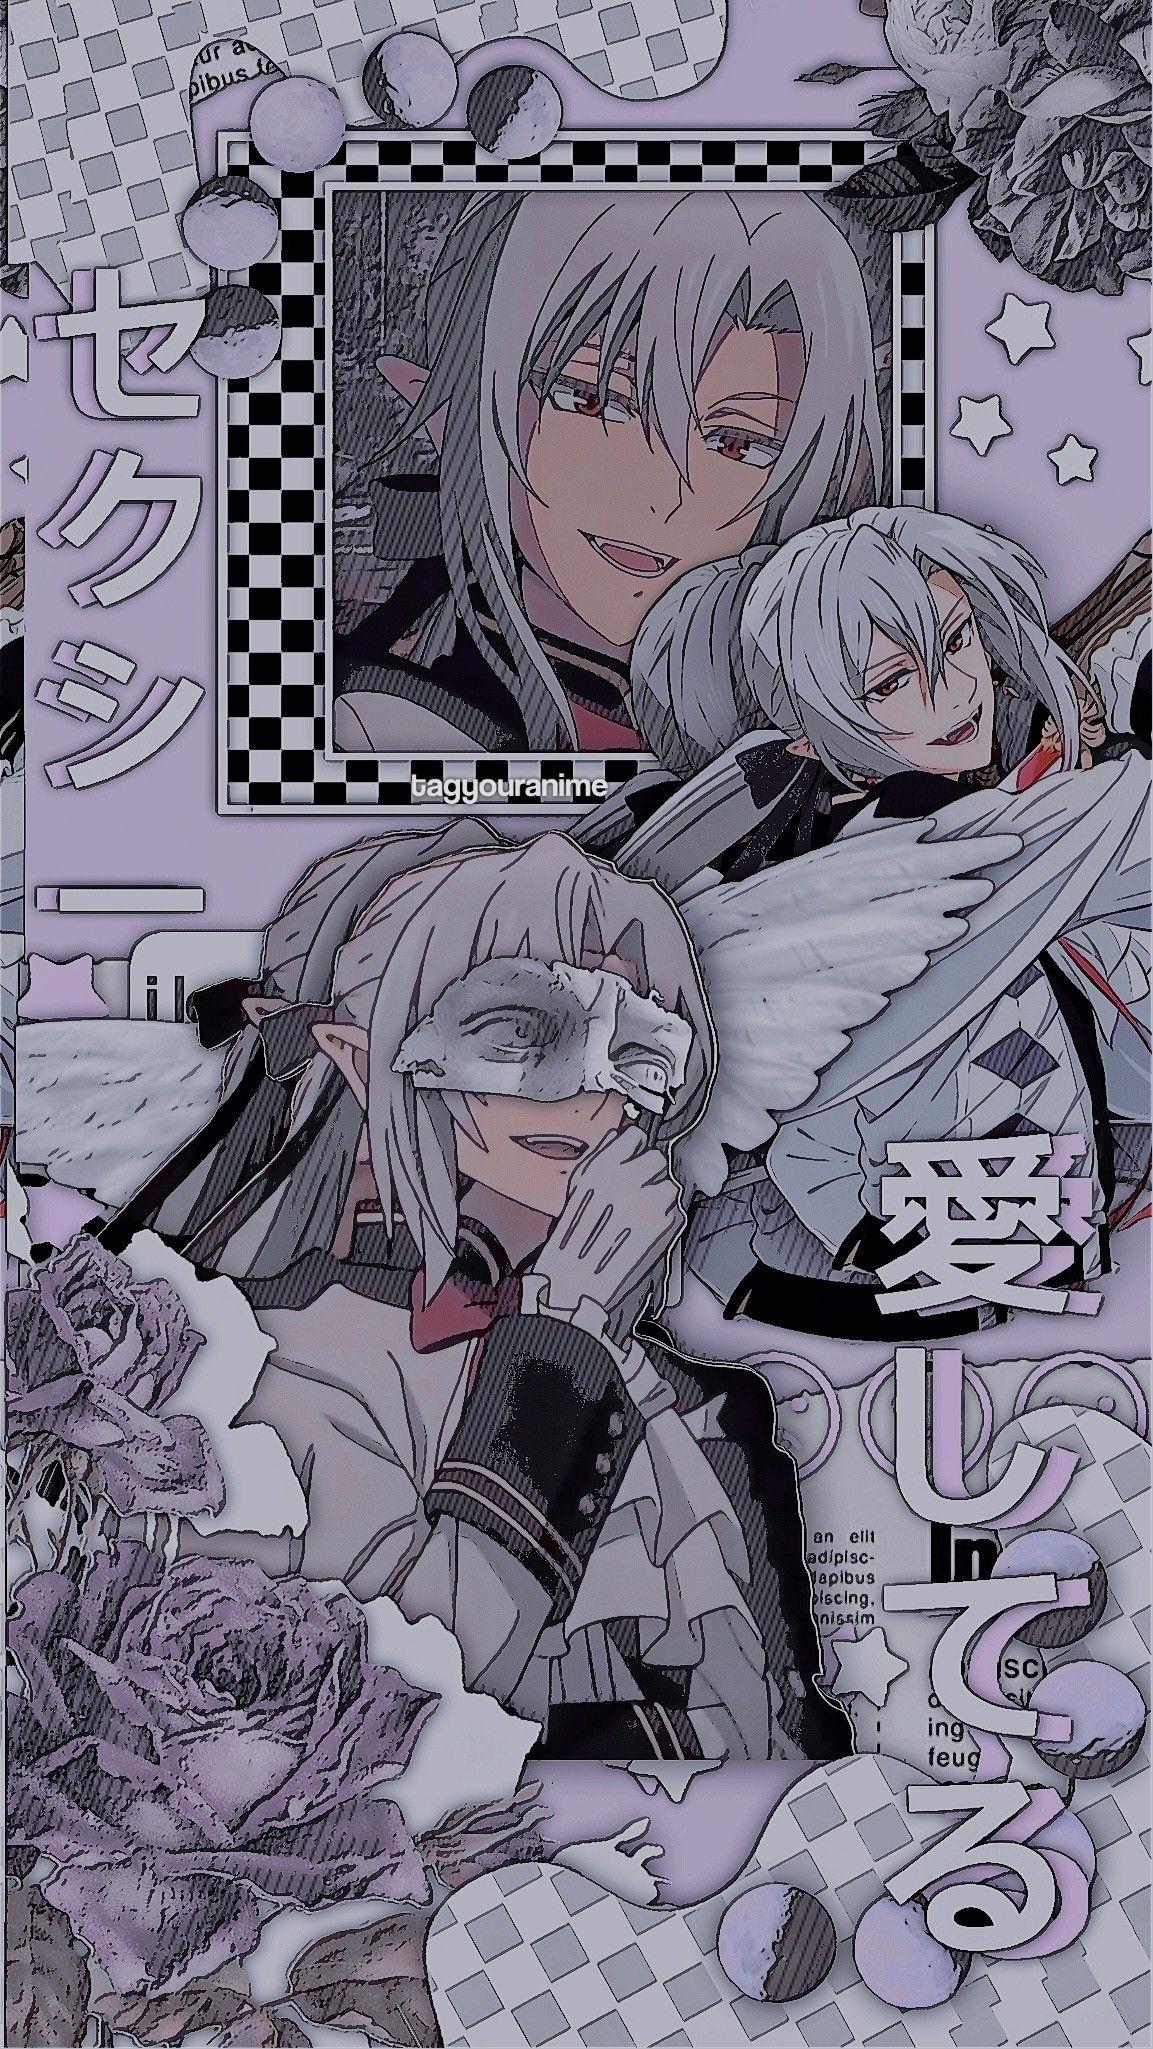 Ferid Bathory Wallpaper In 2020 Cute Anime Wallpaper Anime Wallpaper Aesthetic Anime